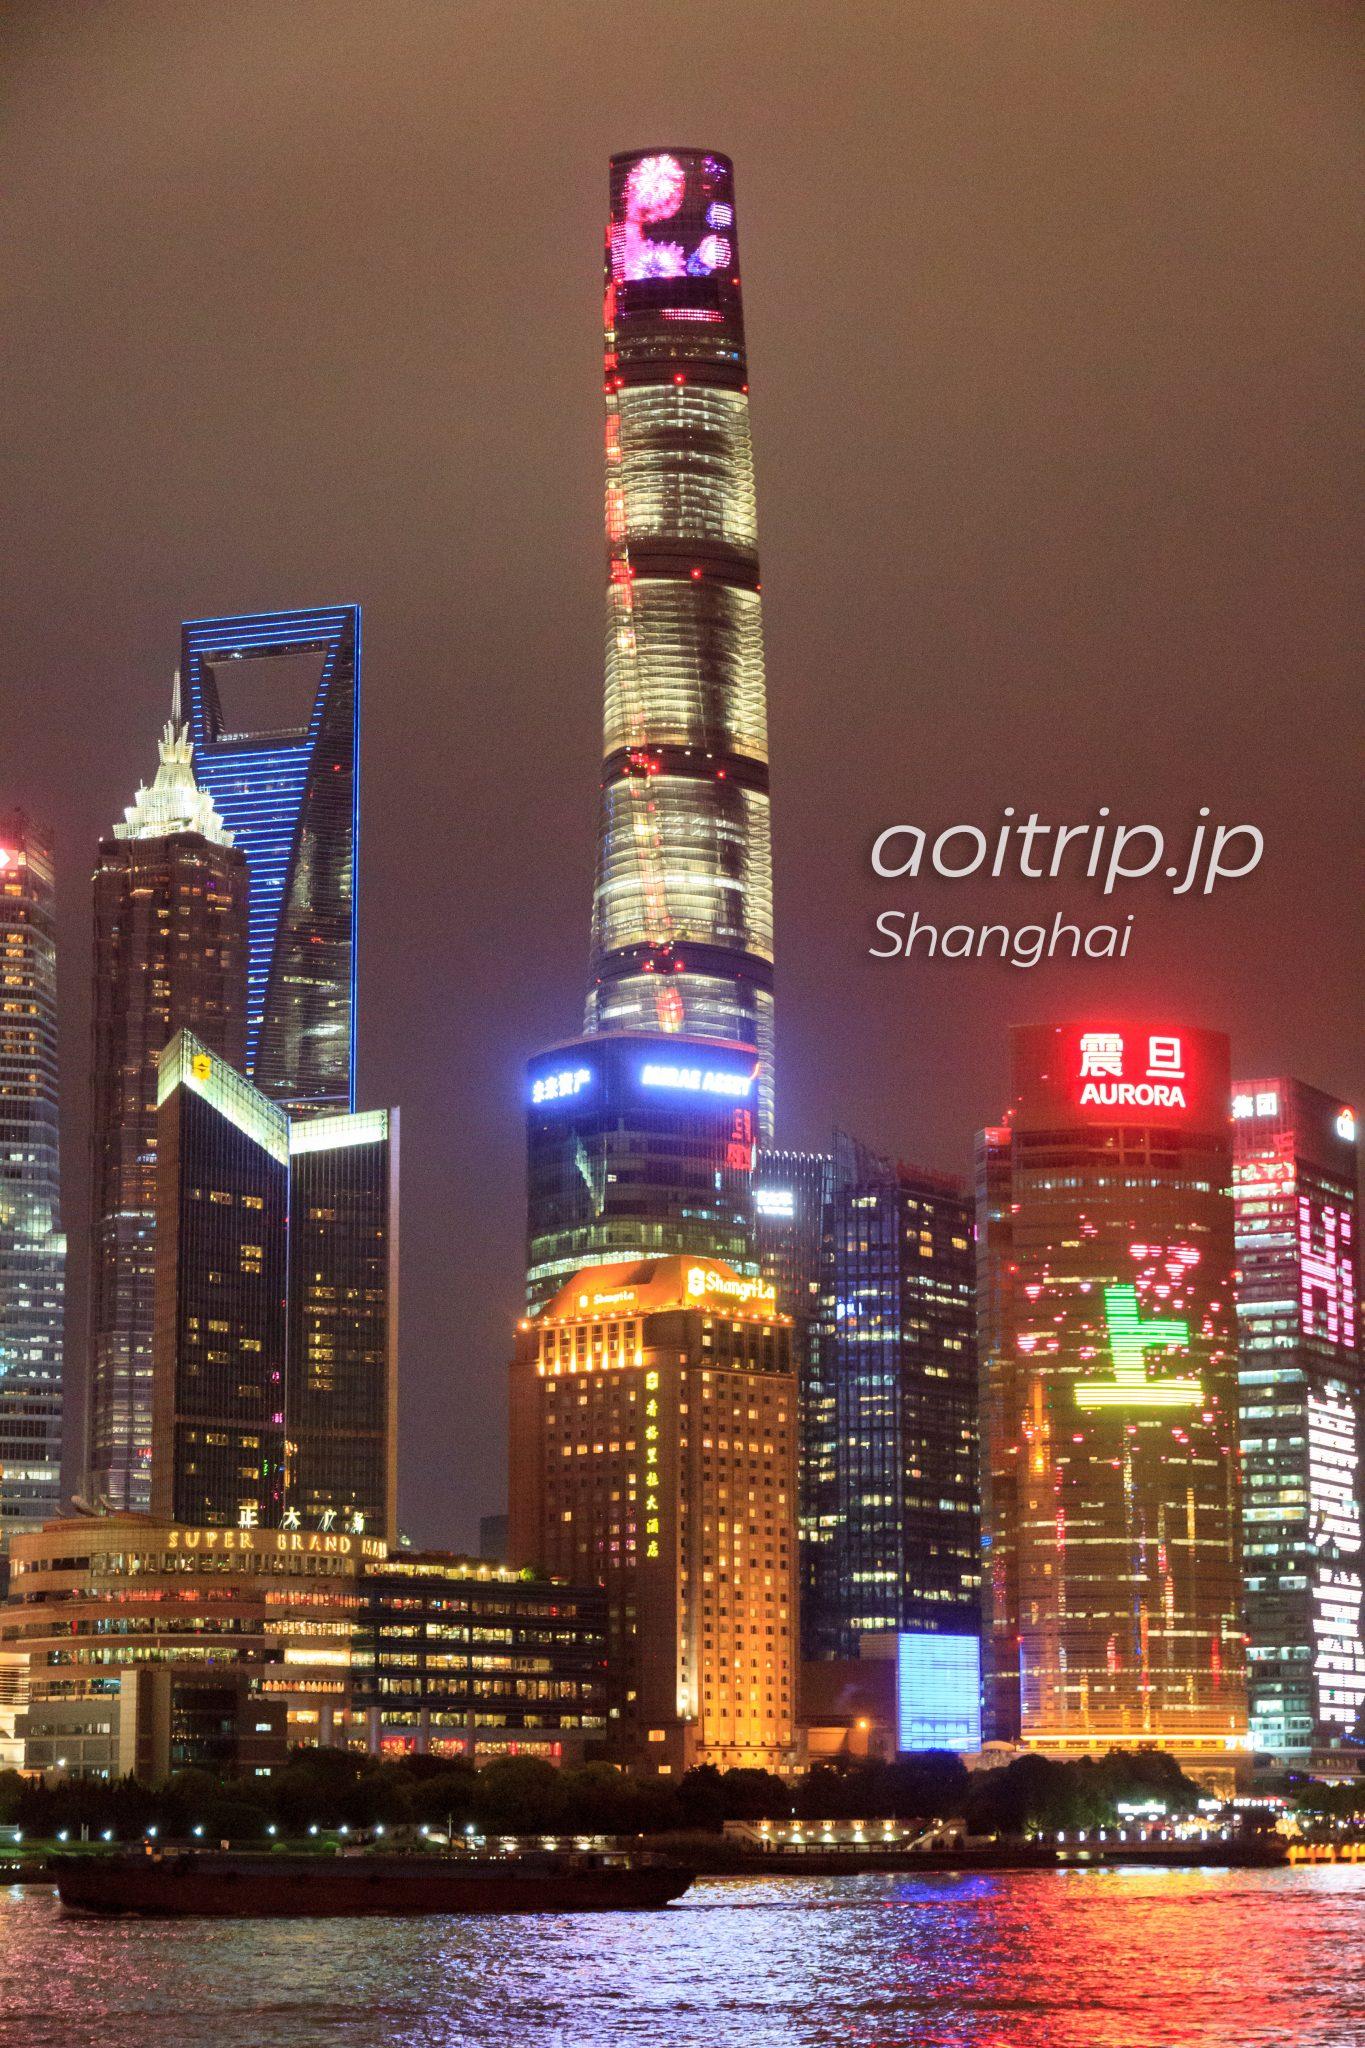 上海タワー Shanghai Tower、上海中心大厦